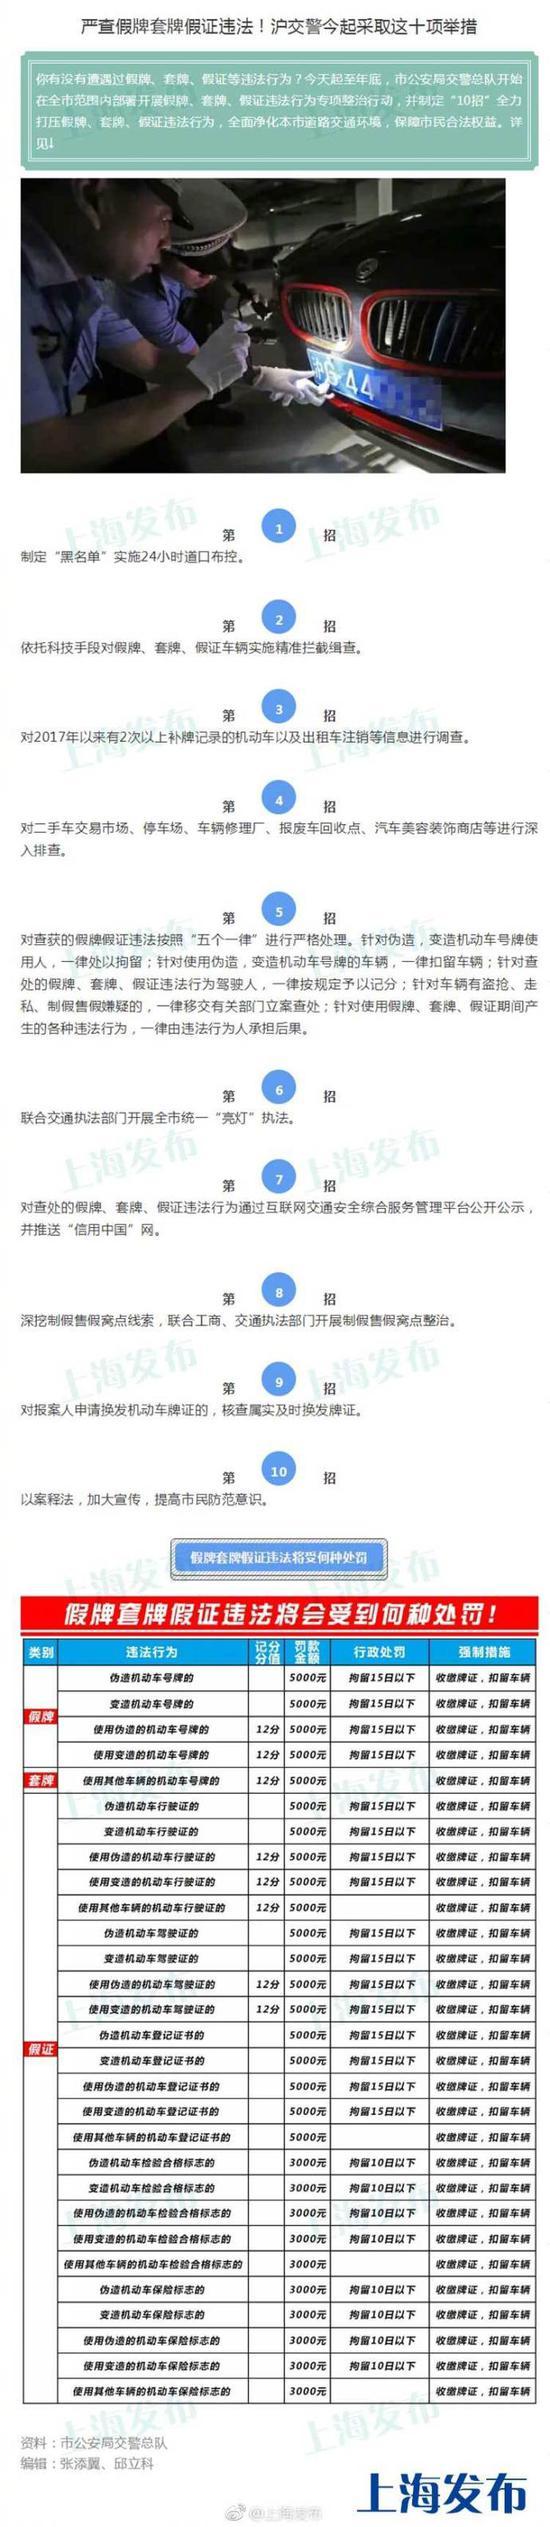 上海交警制定十项举措 严查假牌套牌假证违法